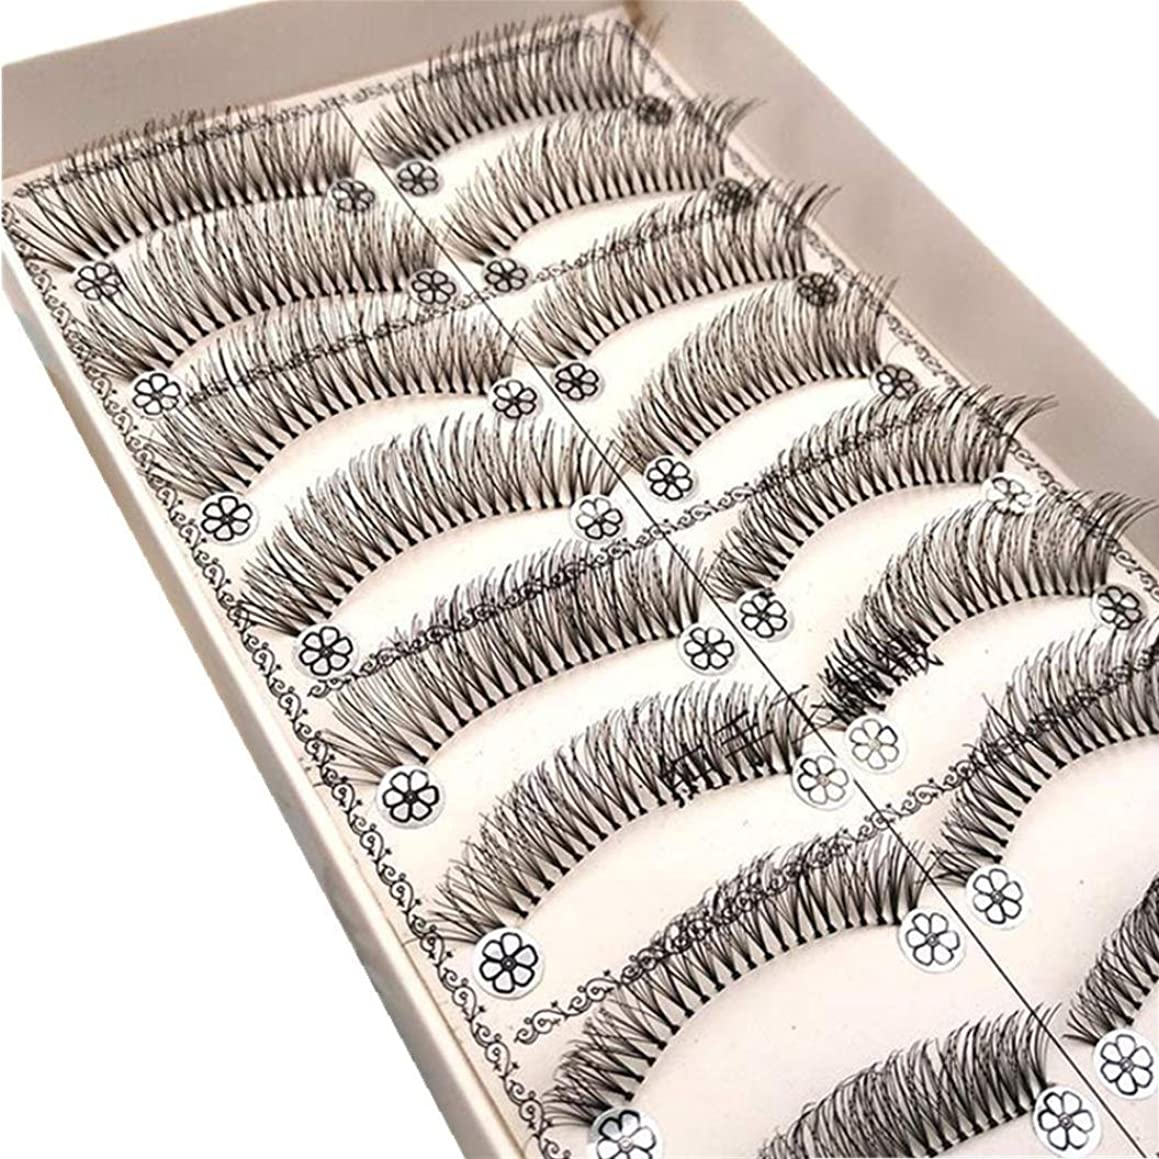 苦難算術コンデンサーFeteso 10組 偽のまつげセット つけまつげ 上まつげ Eyelashes アイラッシュ ビューティー まつげエクステ レディース 化粧ツール アイメイクアップ 人気 ナチュラル 飾り 再利用可能 濃密 柔らかい